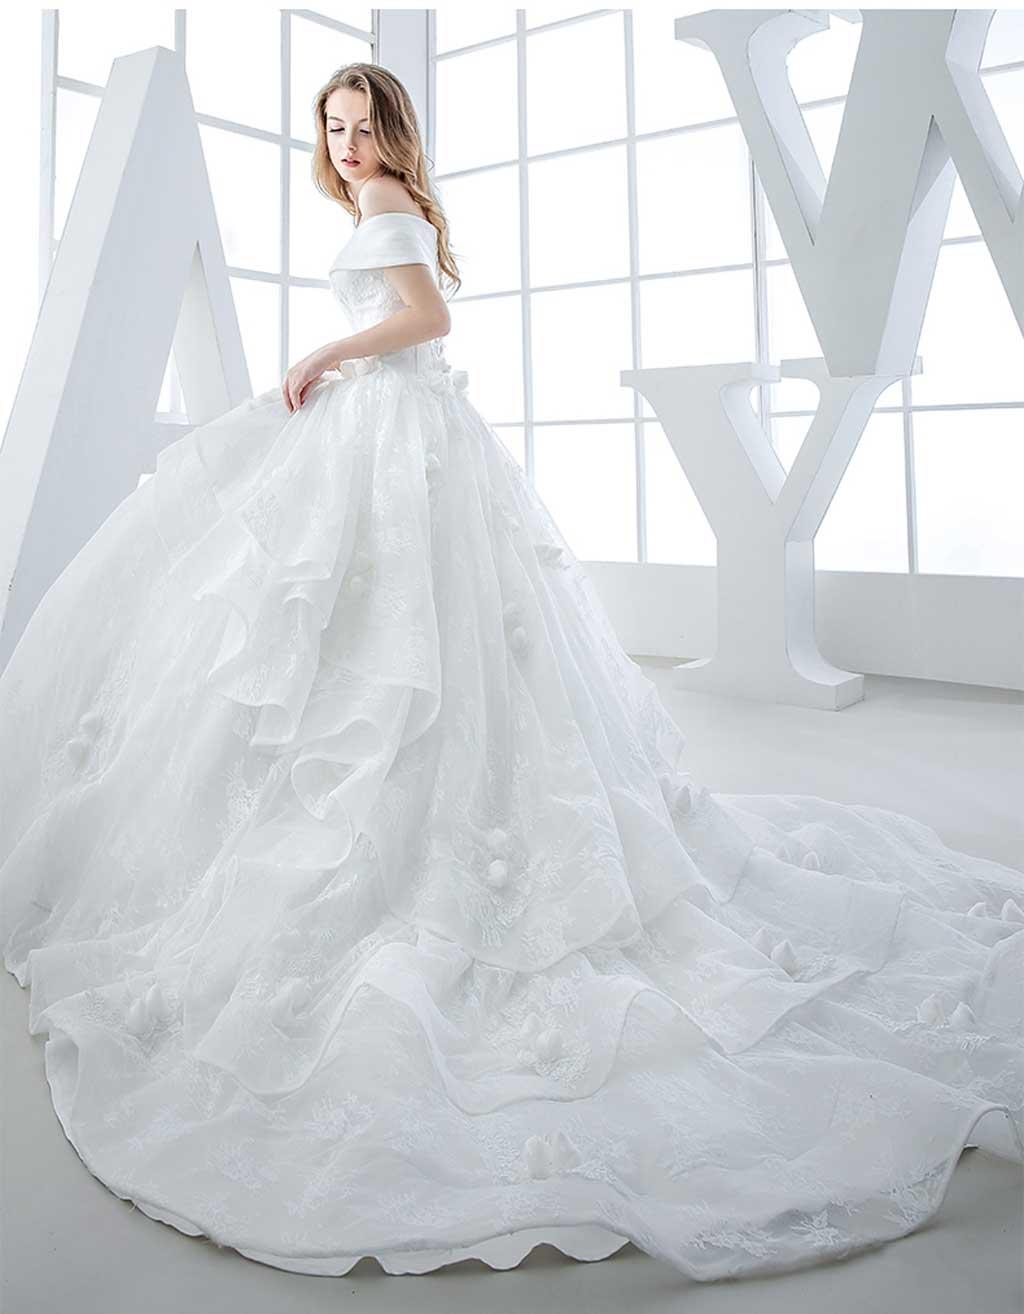 Váy cưới hoa nổi quyến rũ